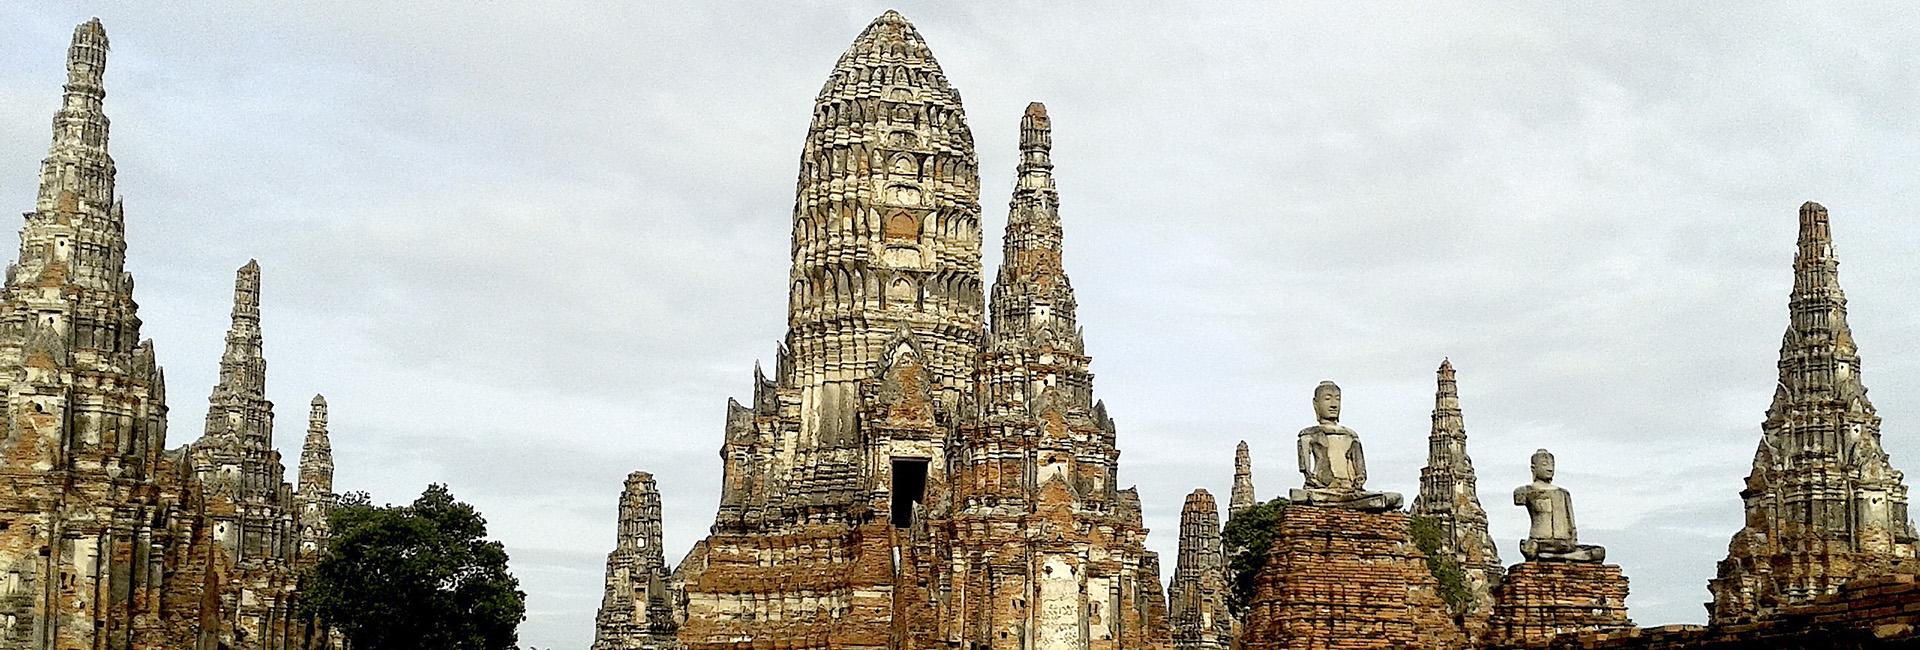 Central Thailand 3 Days